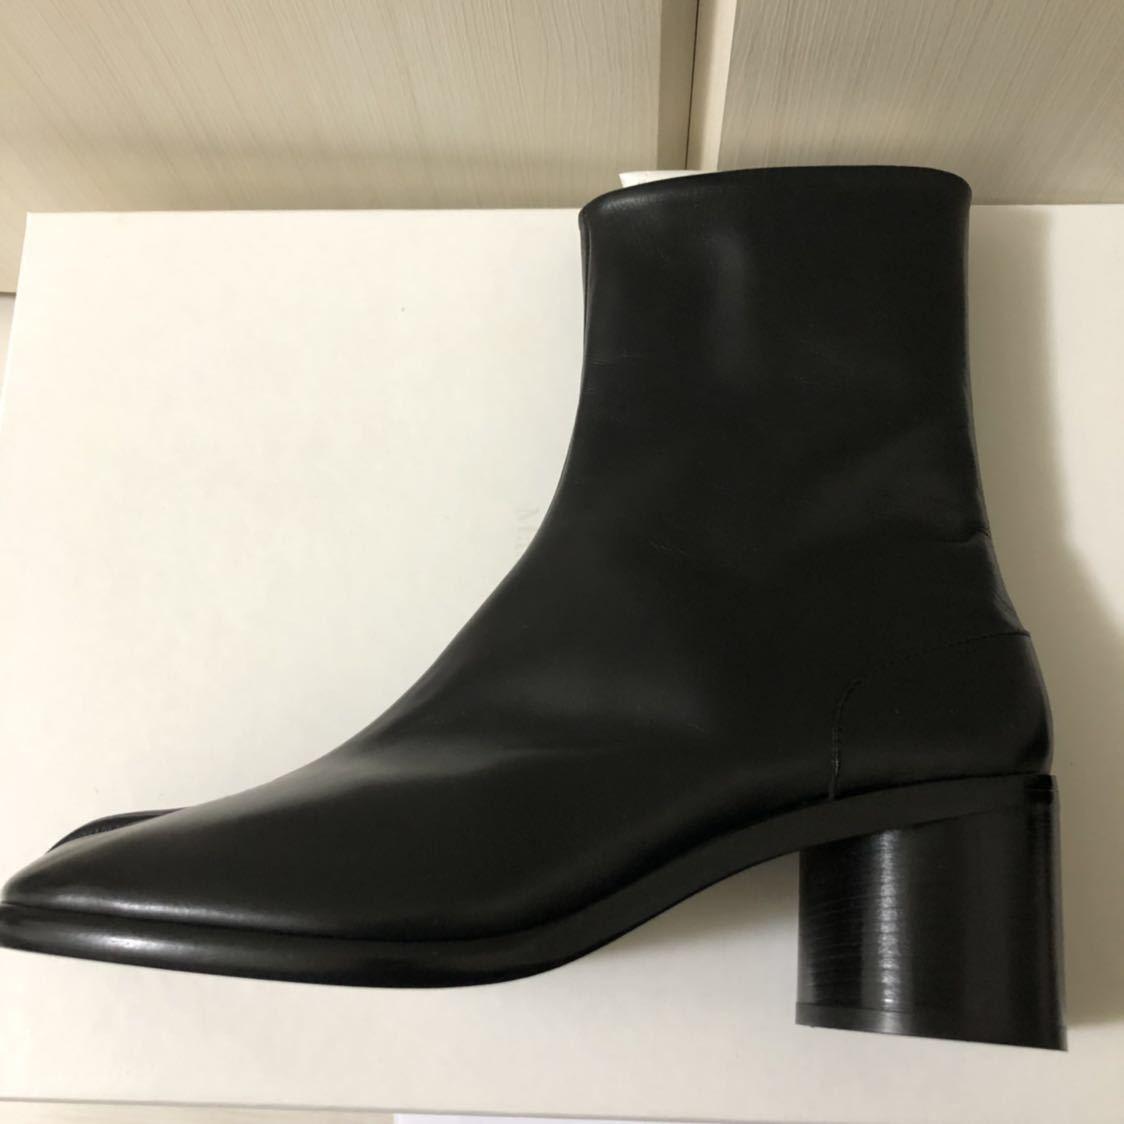 [41] 19SS 確実正規品 Maison Margiela Tabi boots メゾンマルジェラ タビブーツ 足袋ブーツ マルタンマルジェラ タビ 足袋 26㎝_画像6